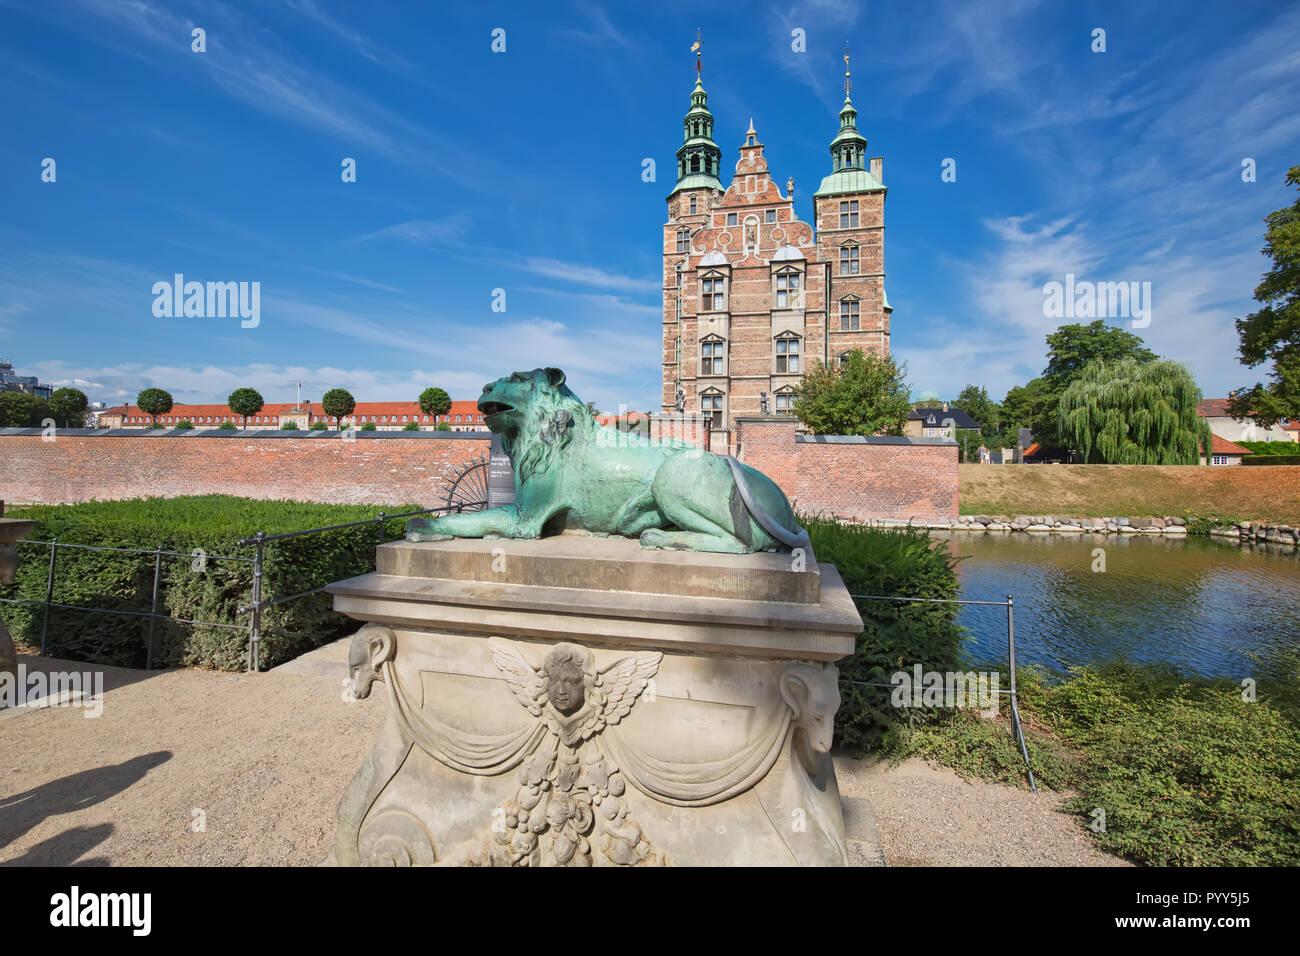 Copenhagen famous Rosenborg castle - Stock Image